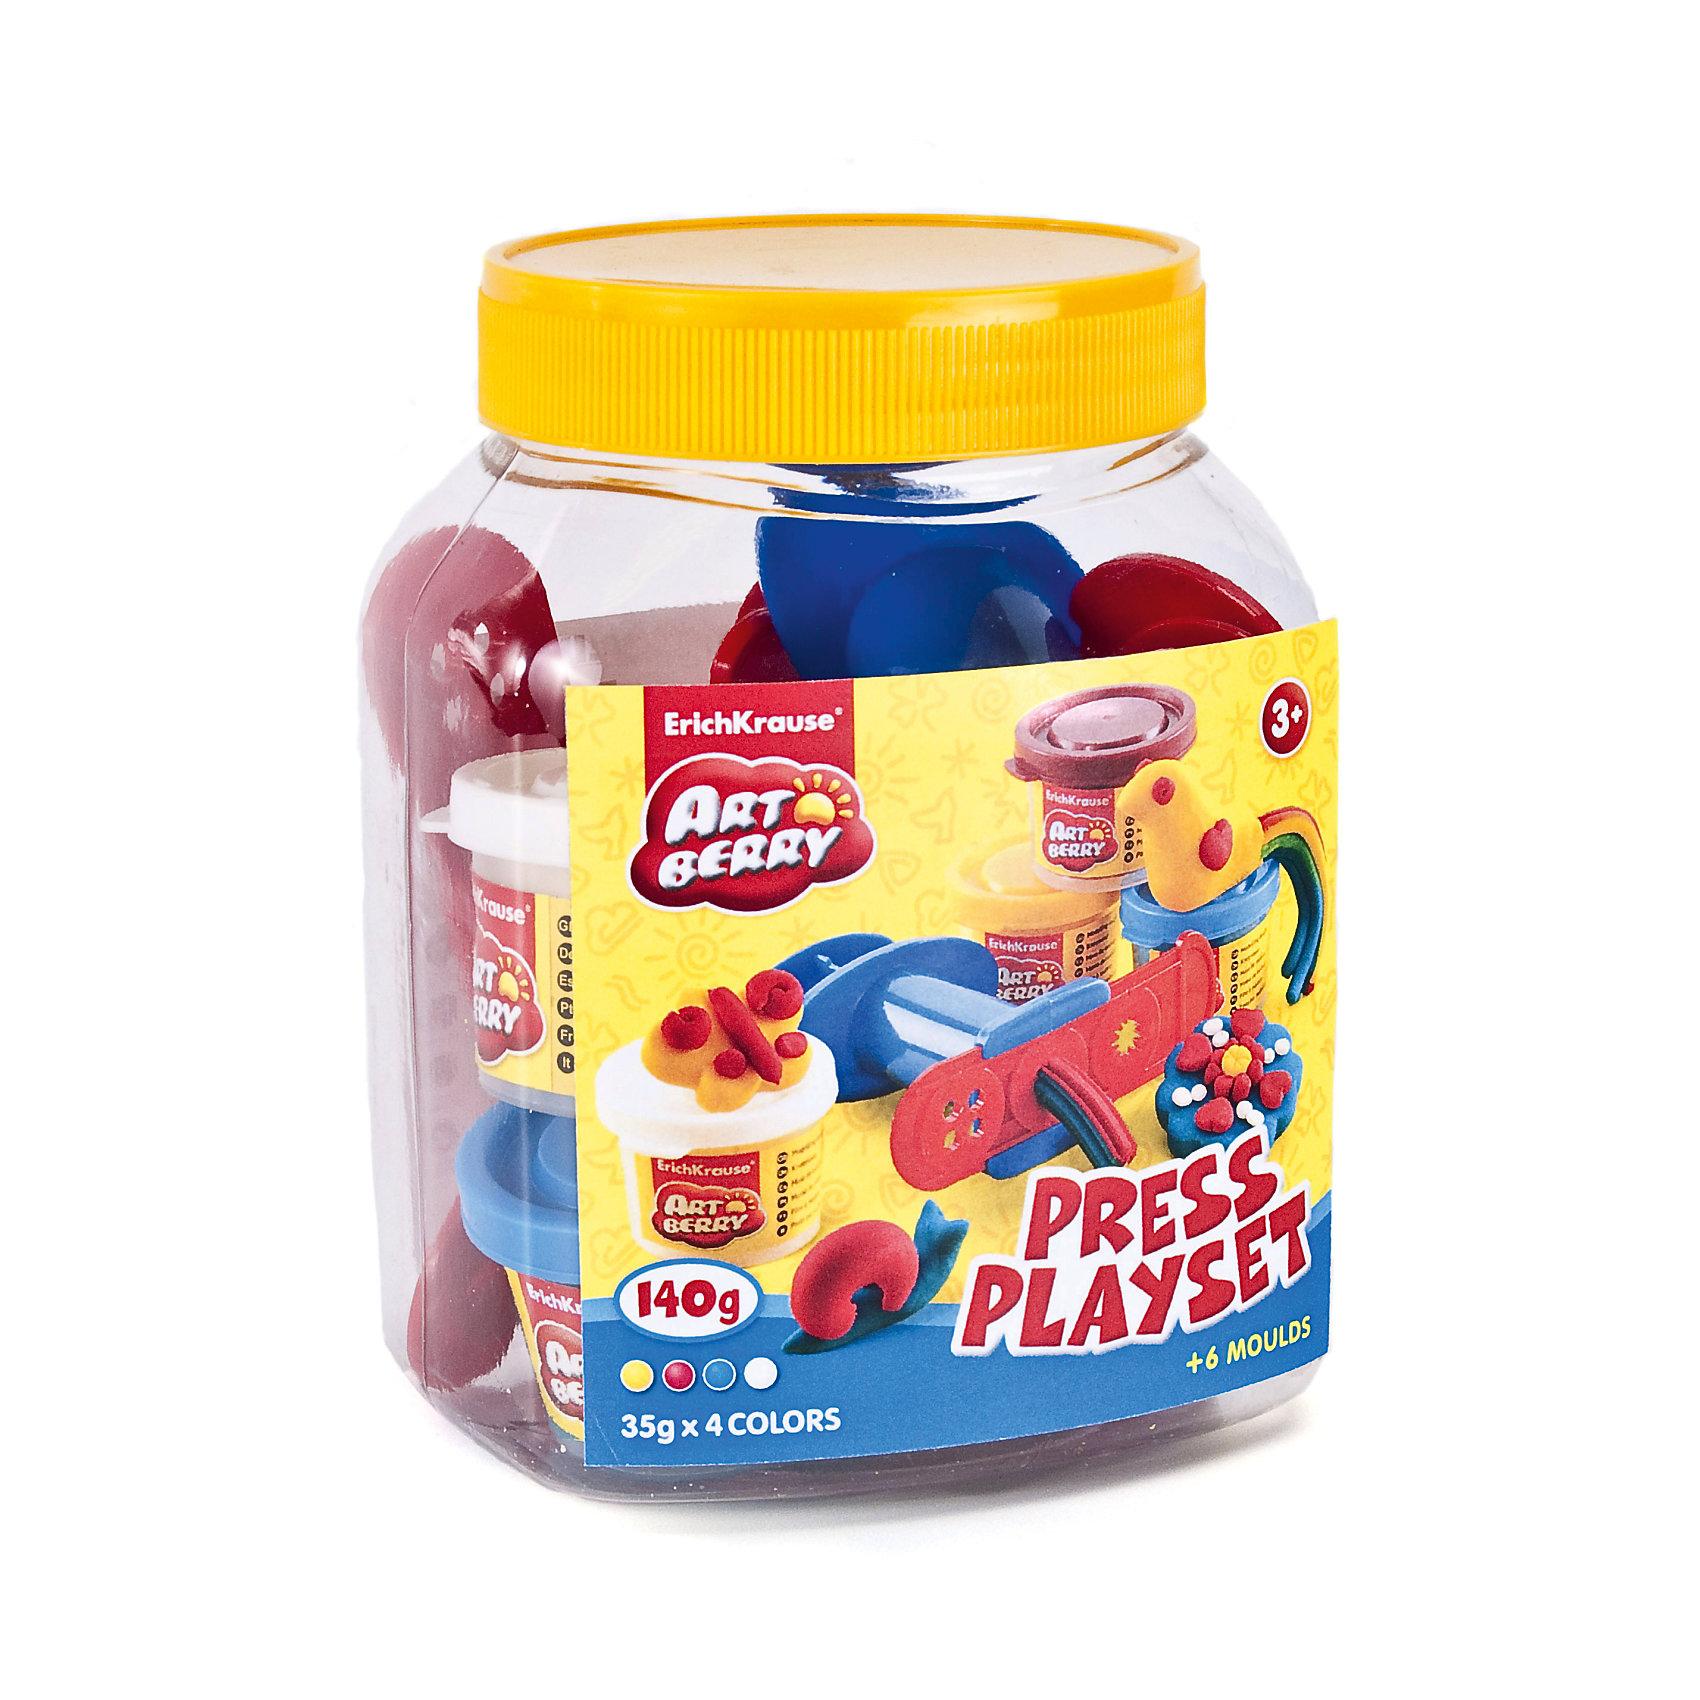 Набор для лепки: Пластилин на растительной основе Press Playset 4 цвета по 35гЛепка<br>Характеристики товара:<br><br>• материал упаковки: картонная коробка в термоплёнке<br>• в комплект входит: 4 цвета пластилина по 35 г + шприц для пластилина, 4 декоративные линейки, стек <br>• возраст: от 3 лет<br>• габариты упаковки: 11х14х10 см<br>• вес: 300 г<br>• страна производитель: Россия<br><br>Натуральная продукция – настоящая находка для детского творчества. Так, пластилин на растительной основе станет любимым материалов для творчества у вашего малыша. Мягкий, приятный для тактильного восприятия, он станет фаворитом среди пластилинов у малыша.<br><br>Набор для лепки: Пластилин на растительной основе Press Playset 4 цвета по 35 г, можно купить в нашем интернет-магазине.<br><br>Ширина мм: 110<br>Глубина мм: 140<br>Высота мм: 95<br>Вес г: 308<br>Возраст от месяцев: 36<br>Возраст до месяцев: 2147483647<br>Пол: Унисекс<br>Возраст: Детский<br>SKU: 5409338